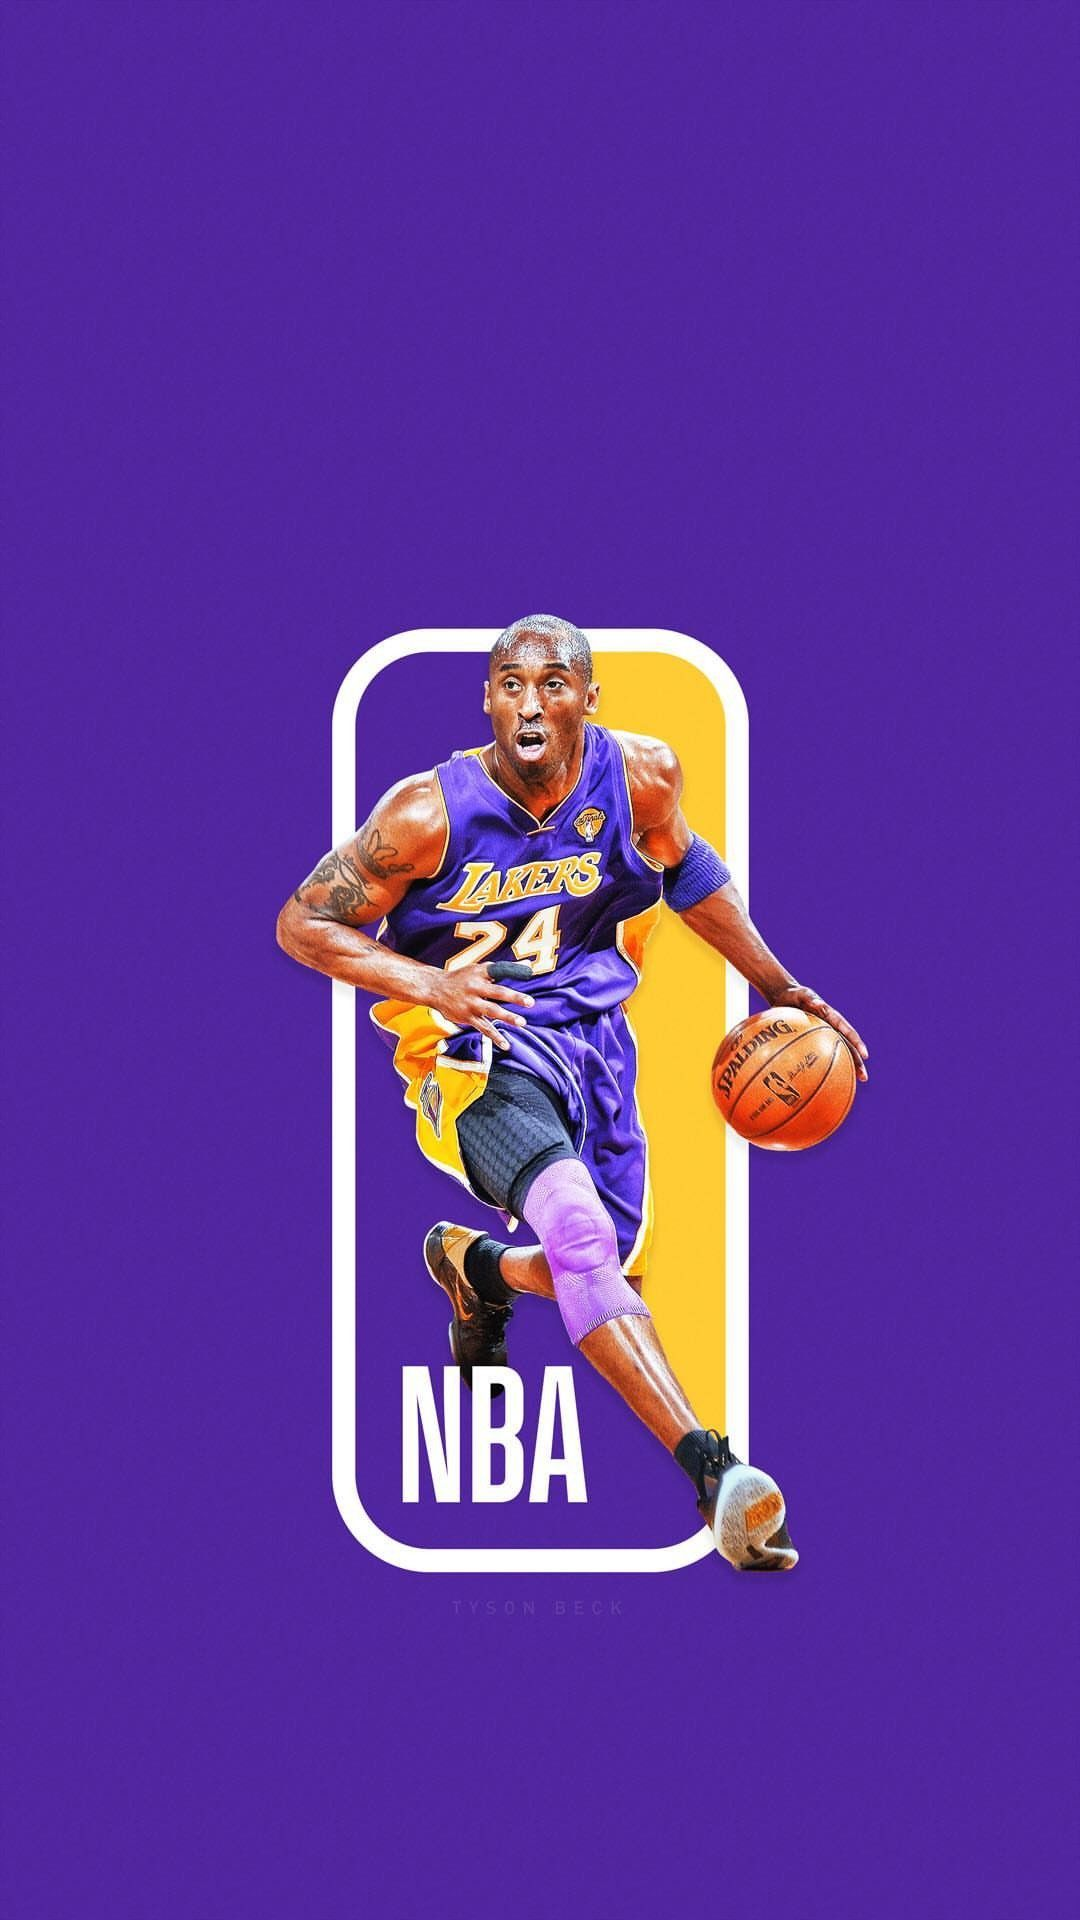 Kobe Bryant Wallpaper Nba Logo Kobe Bryant Kobe Bryant Wallpaper